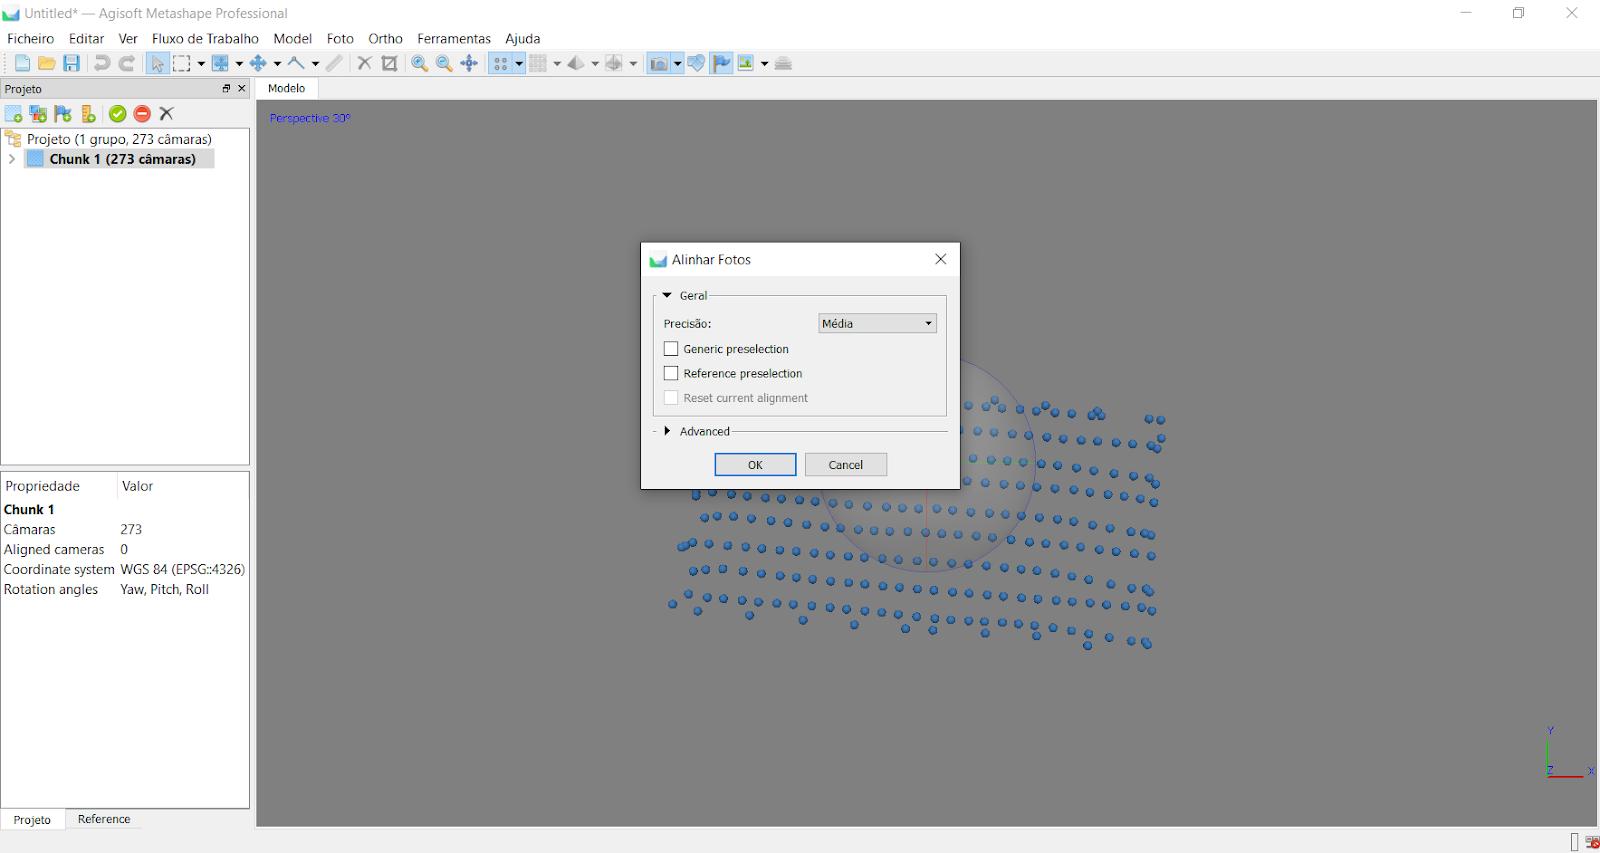 Figura 5 Alinhamento das imagens para processamento no software Agisoft Metashape.